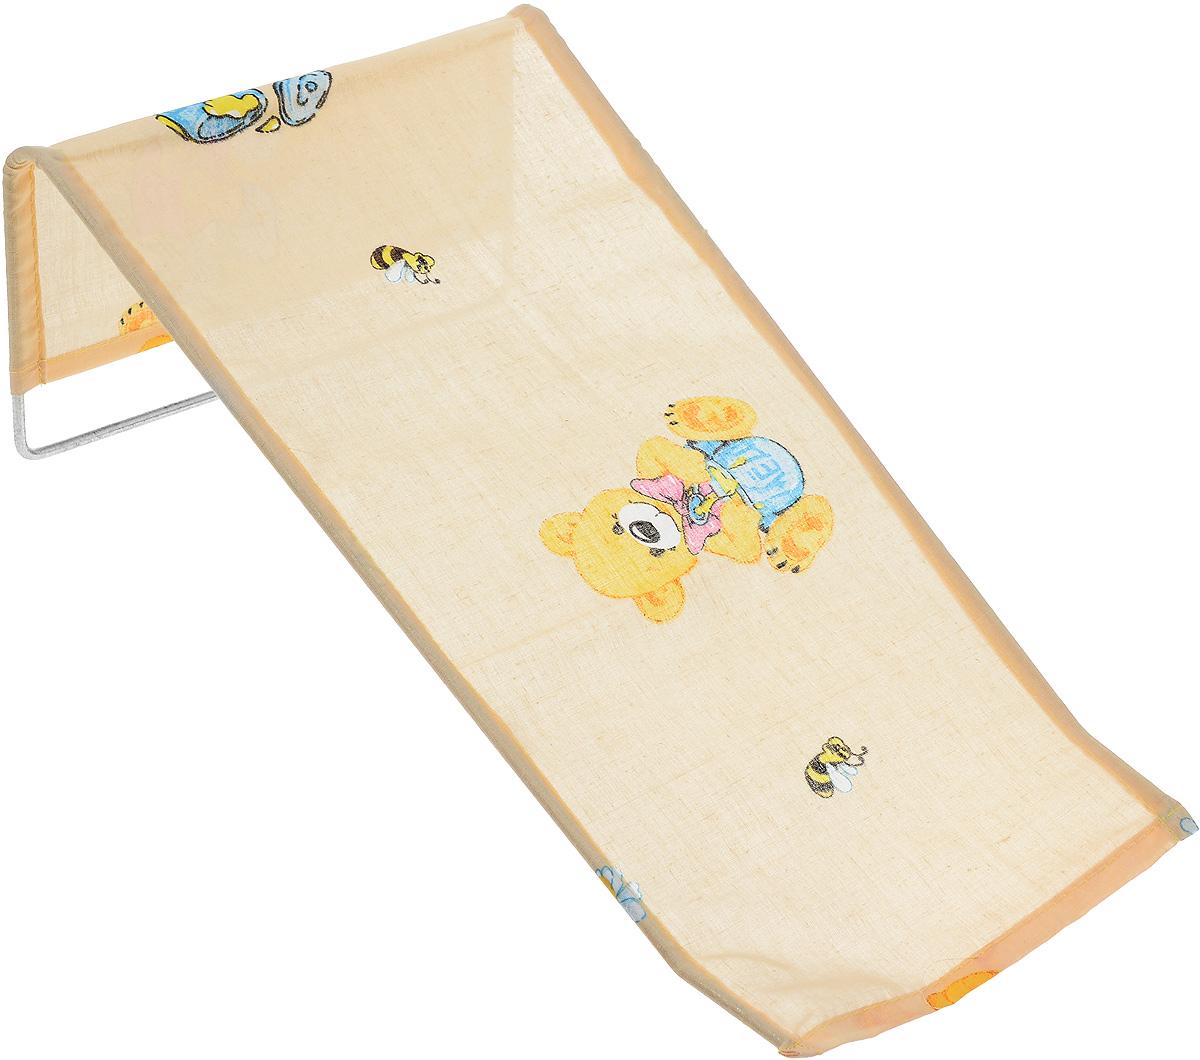 Фея Подставка для купания Мишка с медом1332-01_бежевый медПодставка для купания Фея Мишка с медом - это удобный способ мытья и прекрасная возможность побаловать вашего малыша. Эргономичный дизайн подставки разработан специально для комфорта и безопасности вашего ребенка. Основу подставки составляет металлический каркас, обтянутый тканью. Подарите своему малышу радость и комфорт во время купания! Подставка предназначена для купания детей в возрасте до 1 года. Фея - это качественные и надежные товары для малышей, которые может позволить себе каждая семья! Правила ухода за чехлом: после использования хорошо просушить. Запрещается использование моющих средств, содержащих щелочь.